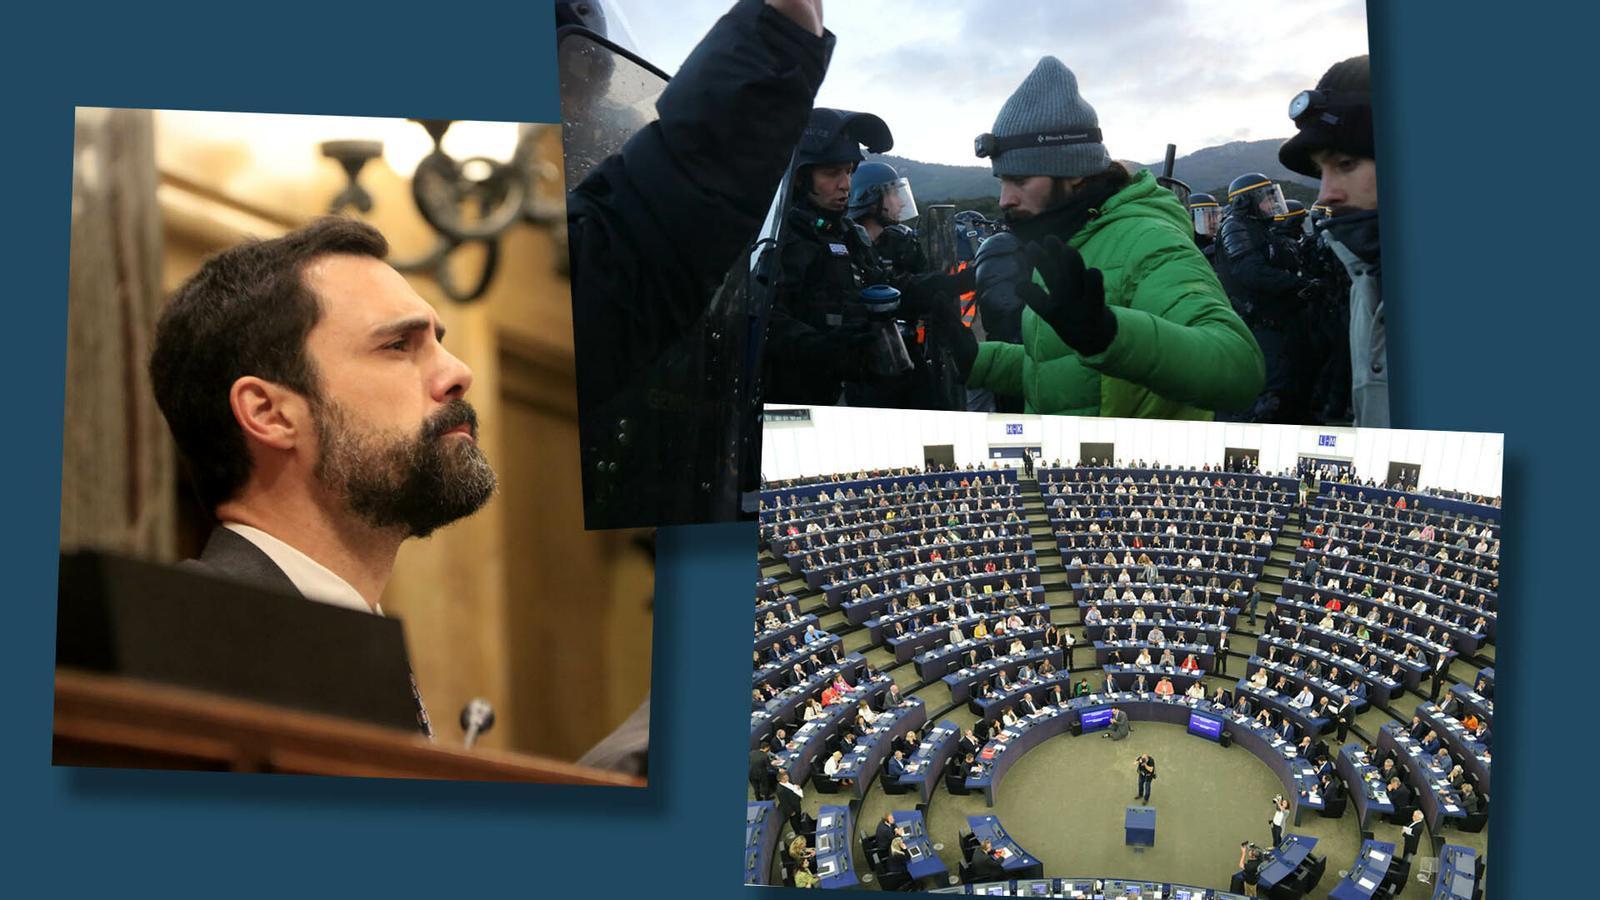 L'anàlisi d'Antoni Bassas: 'La Jonquera, Behobia, Estrasburg i el Parlament: 4 fronts en un dia'